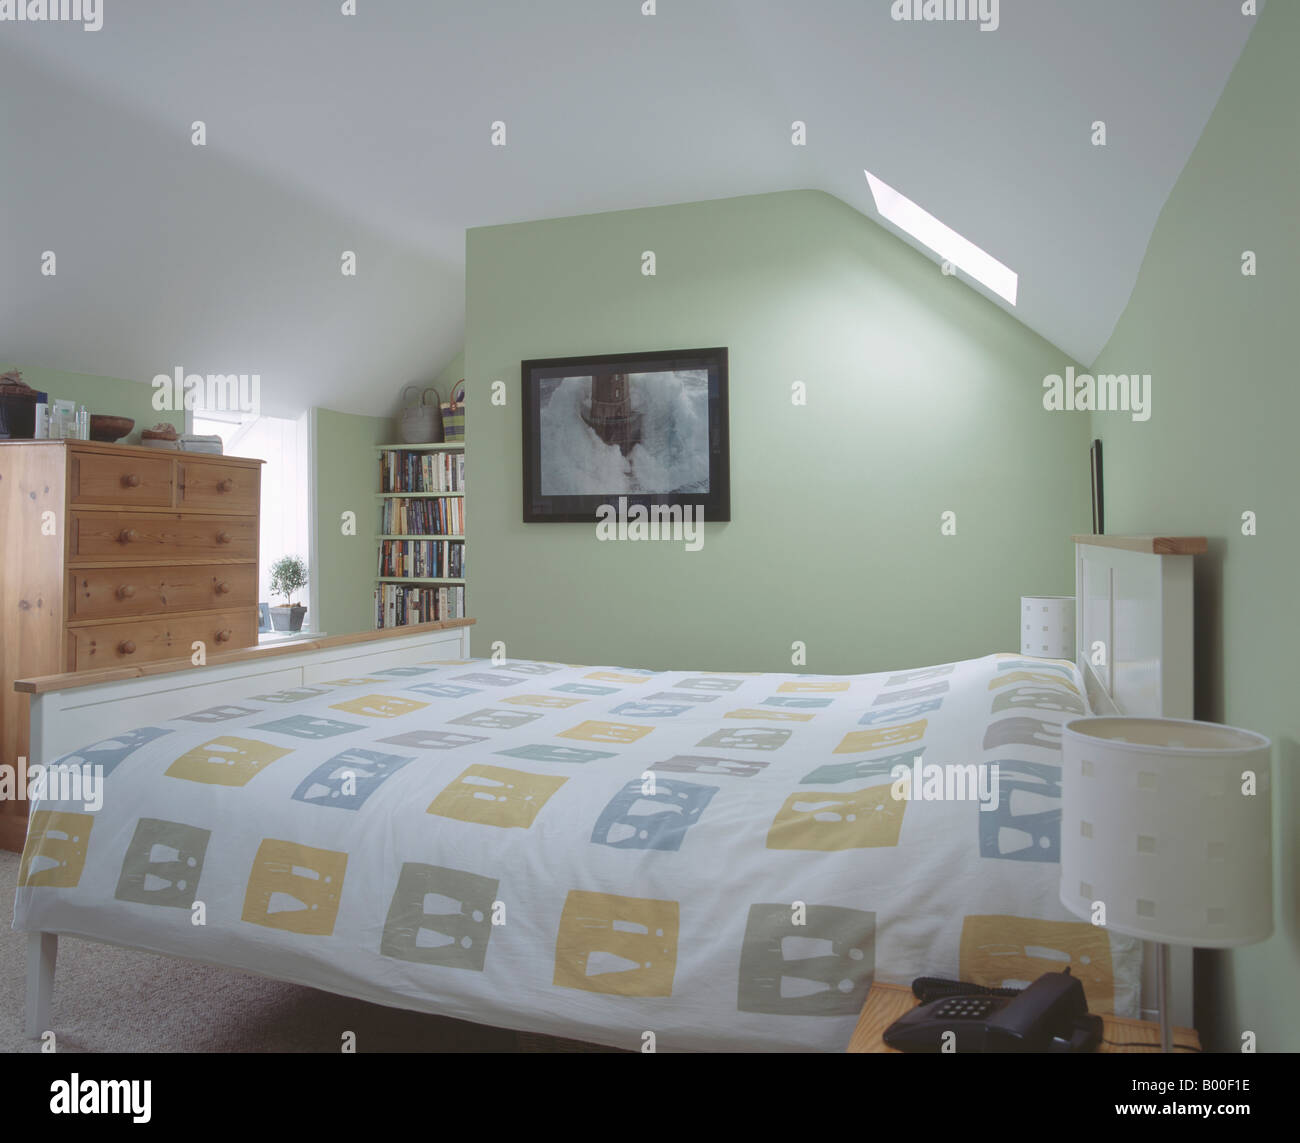 Schlafzimmer Pastellgrun #25: Abstrakte Gemusterten Weißen Bettdecke In Pastell Grün Loft-Konvertierung- Schlafzimmer Mit Hohen Kiefern Kommode